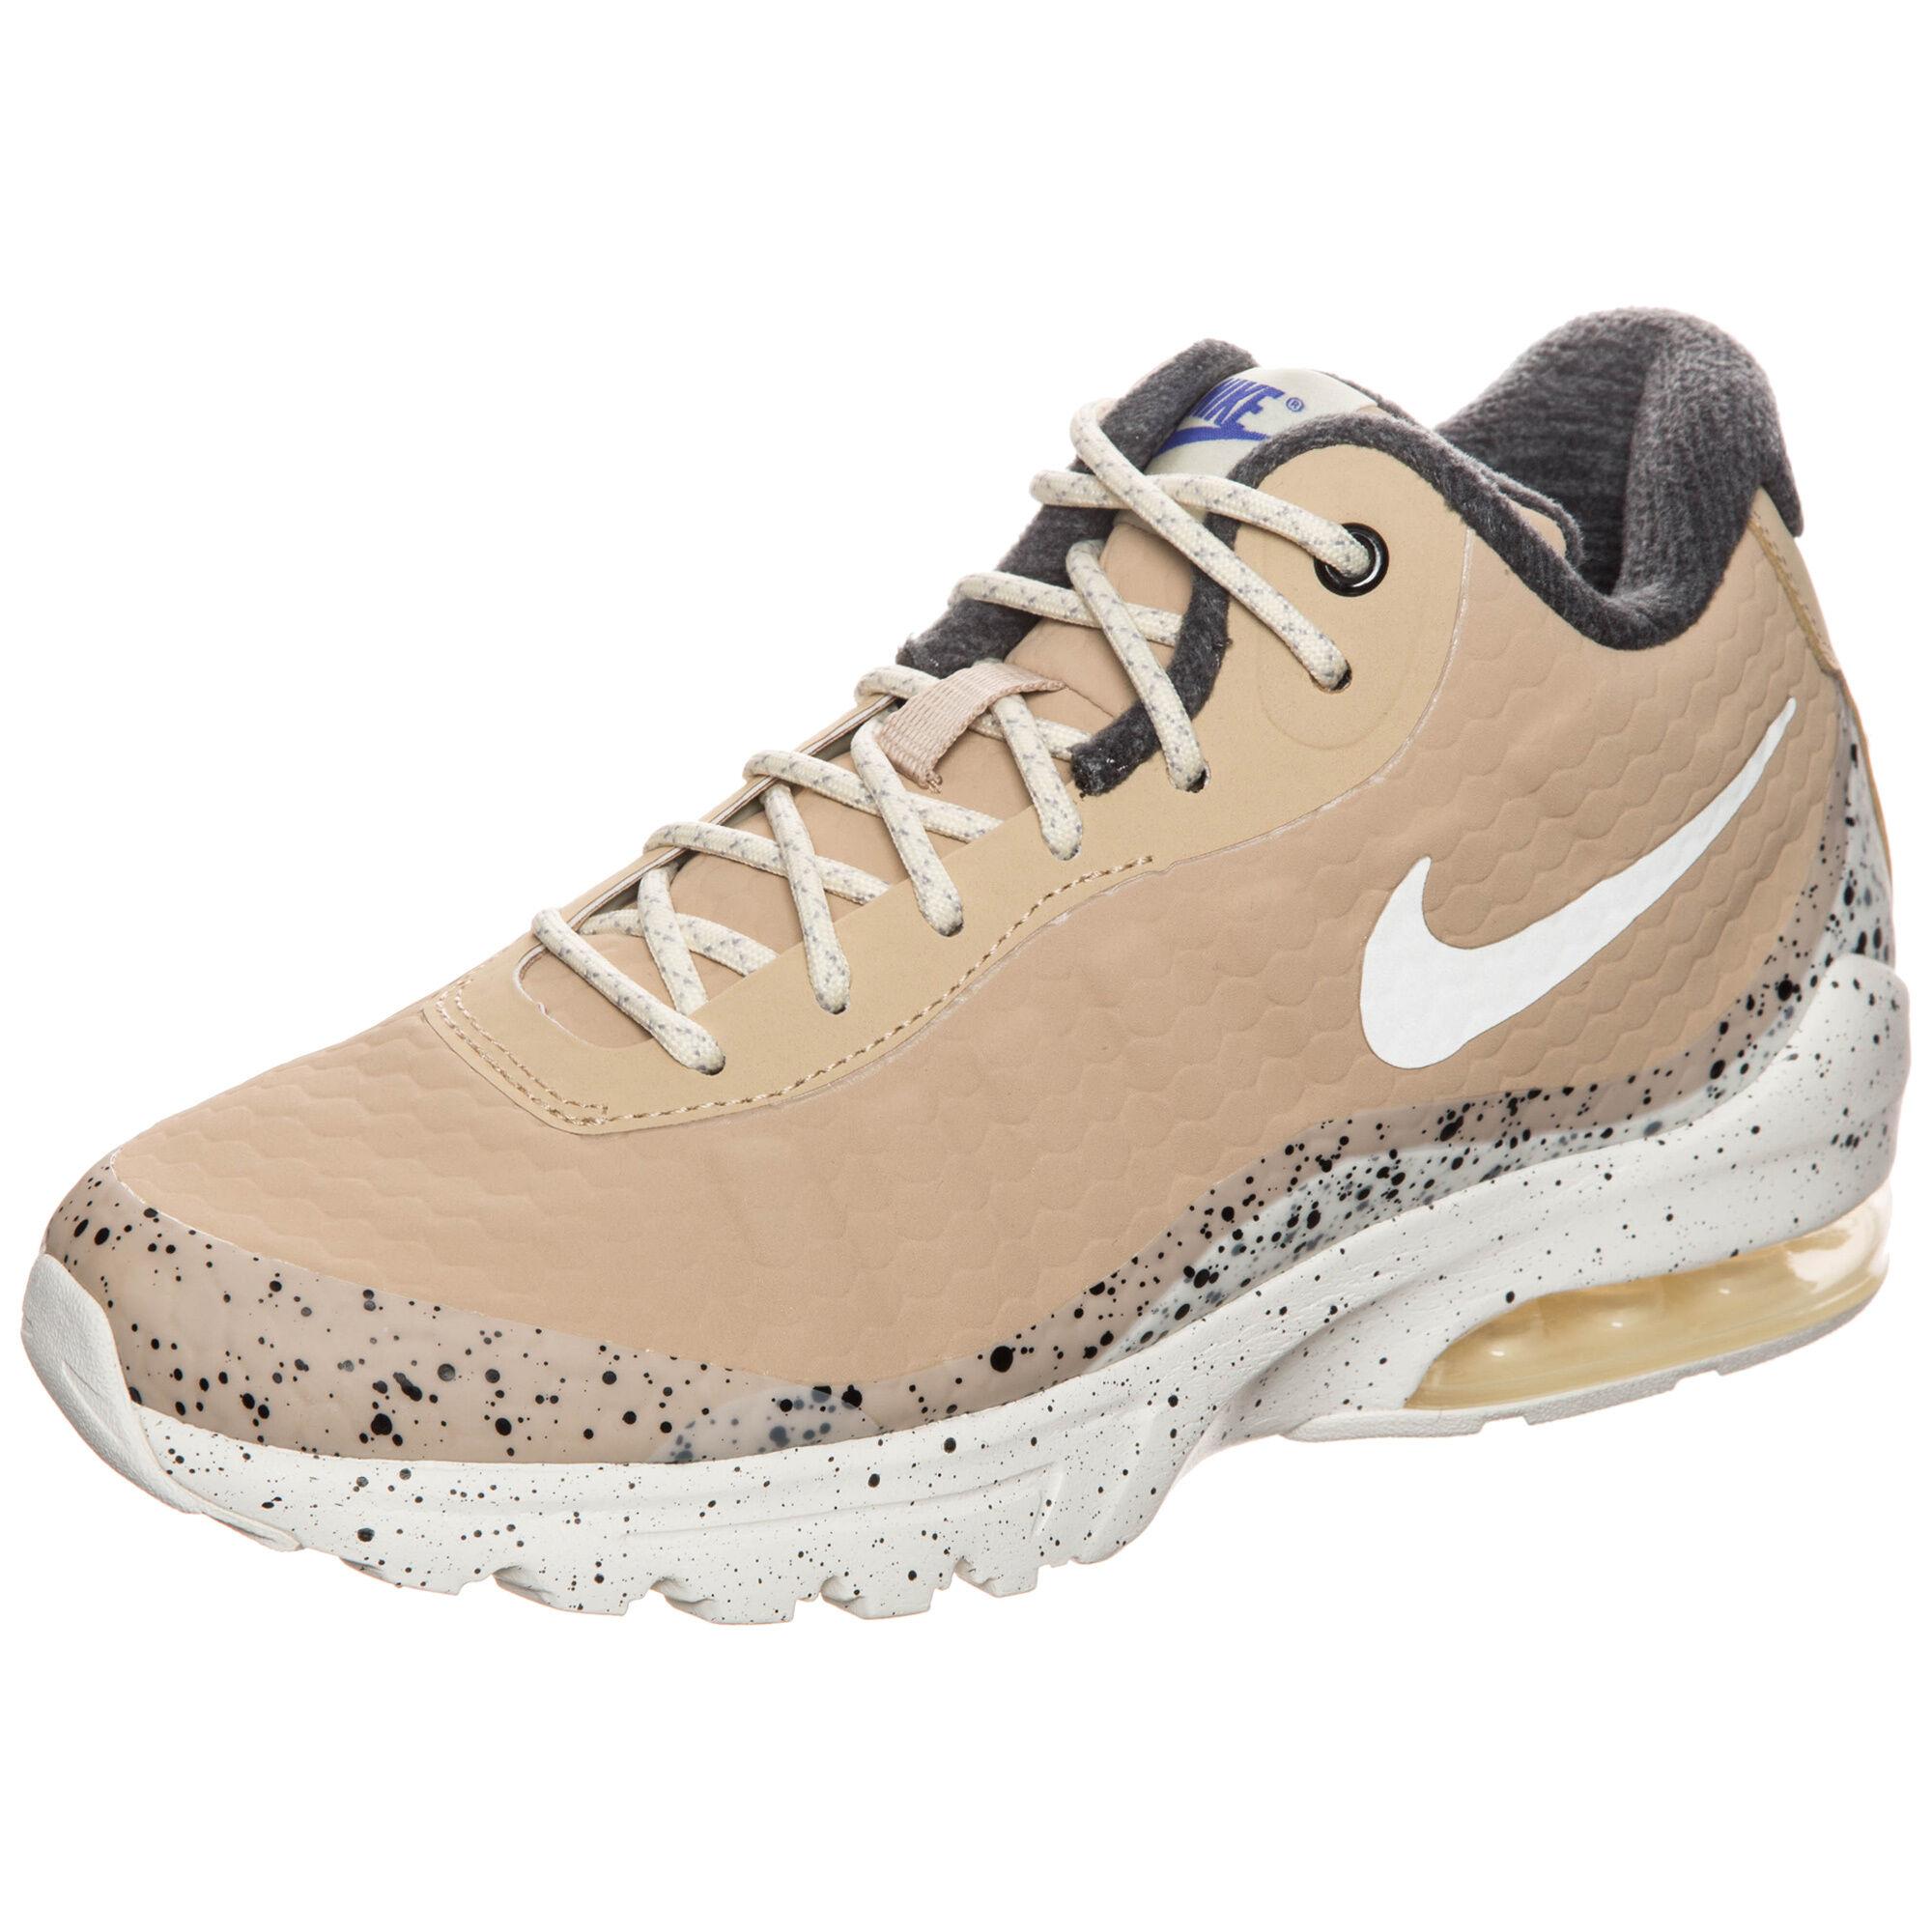 buy popular 68e39 7629d ... order nike damen sneaker air max invigor mid 861661 200 38.5 86f7a d519f